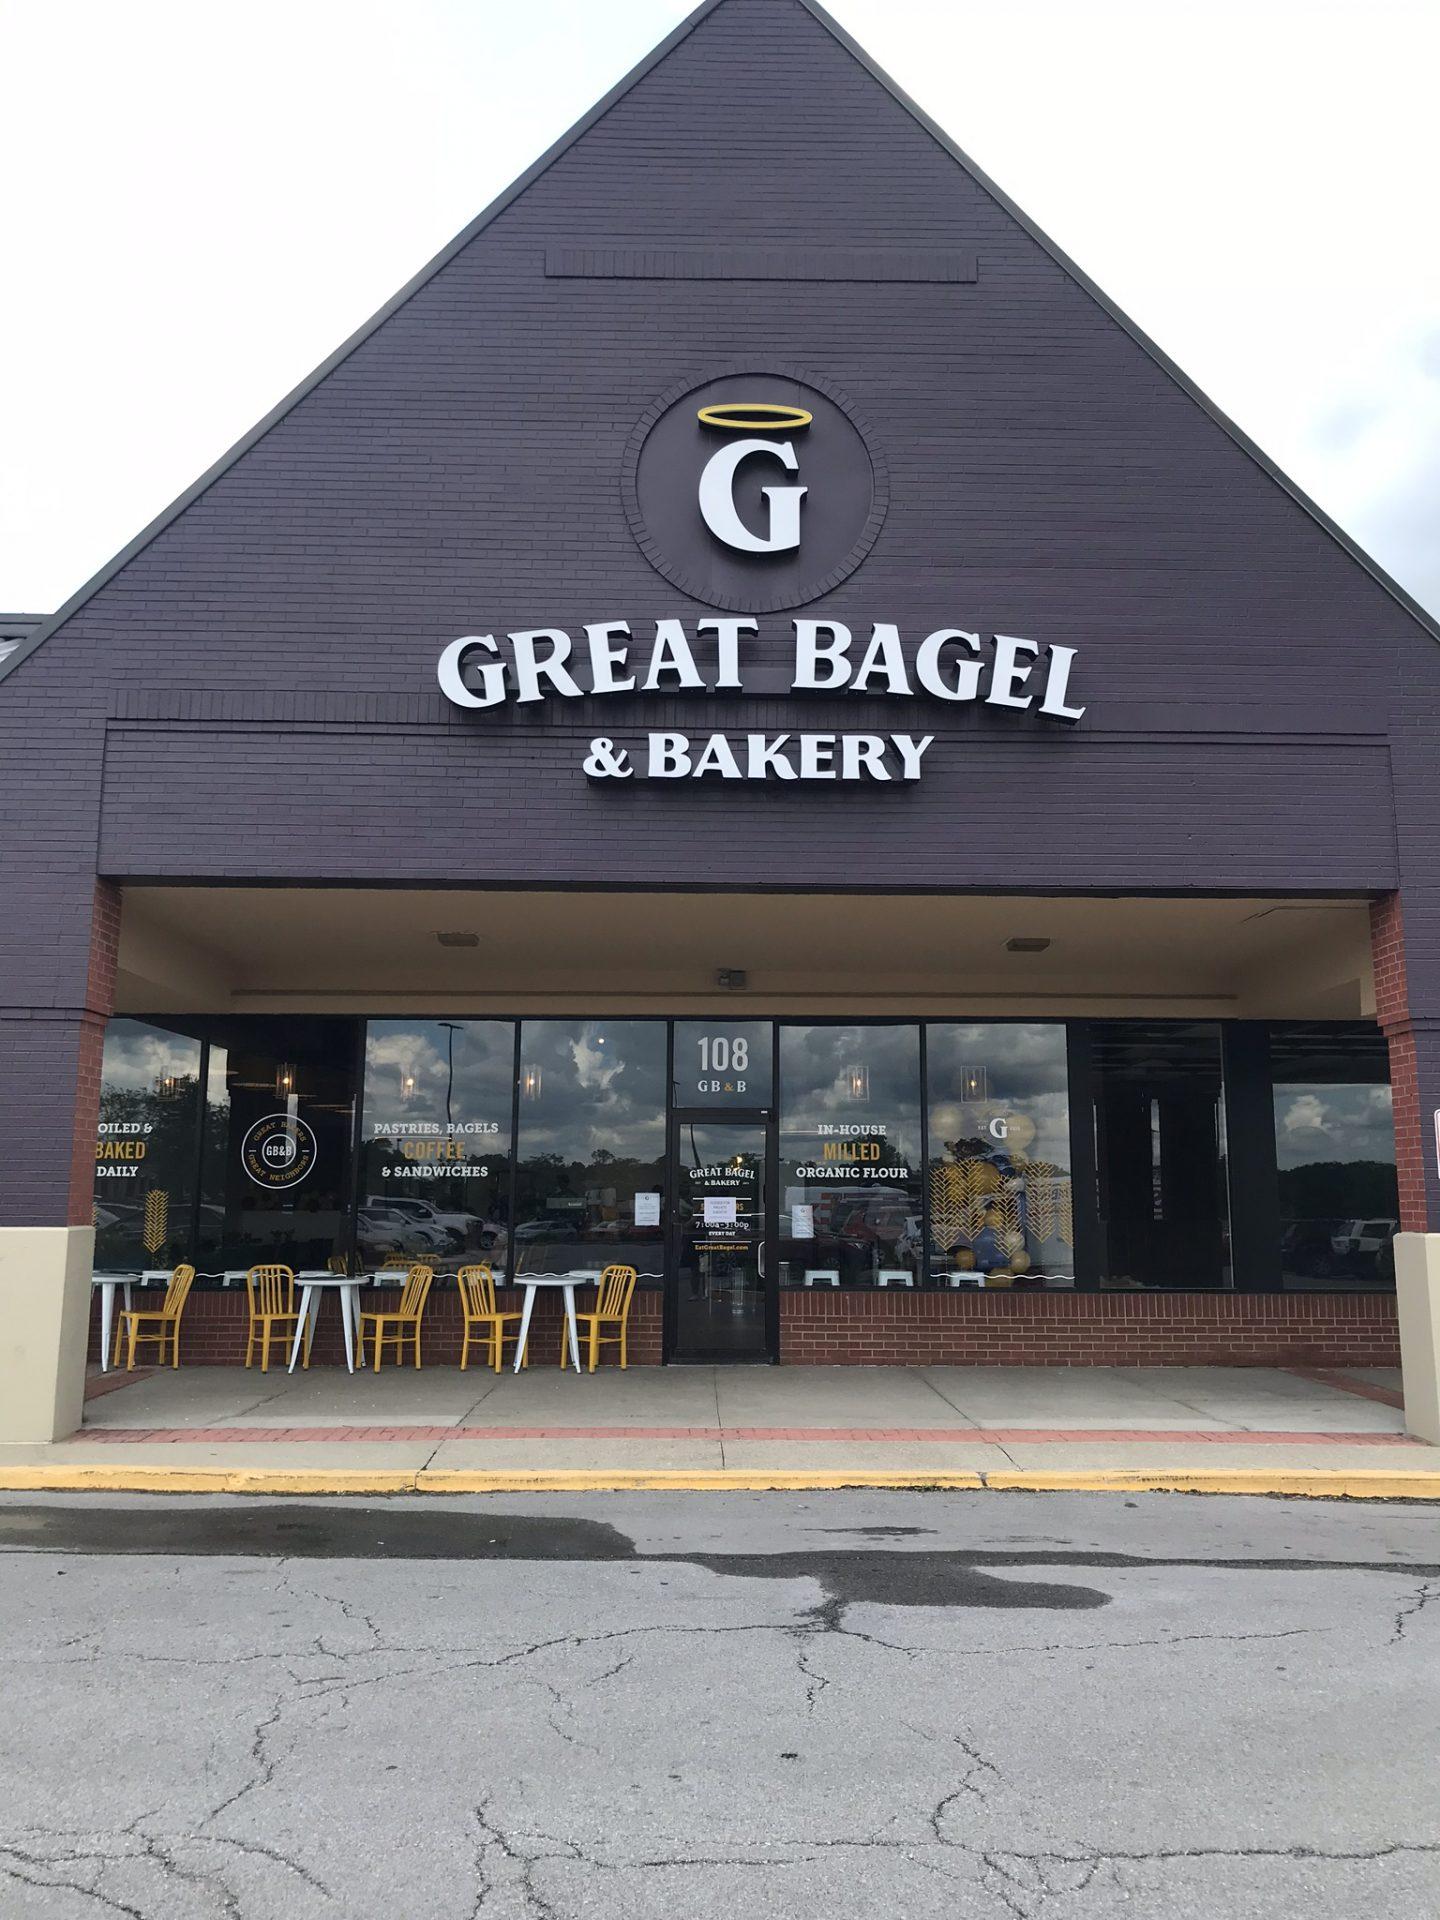 the outside of Great Bagel in Lexington, Kentucky